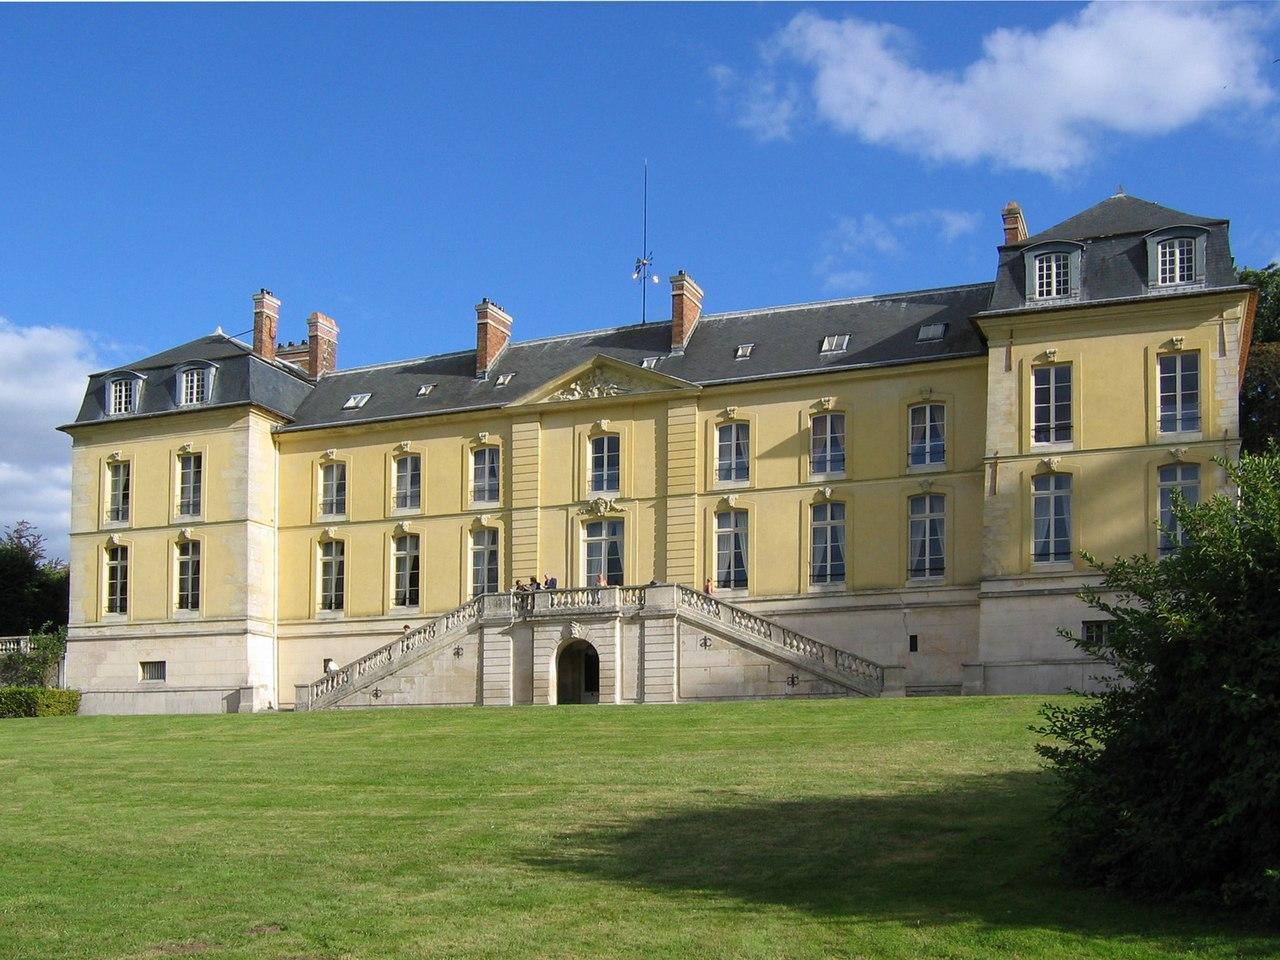 Chateau la celle saint cloud